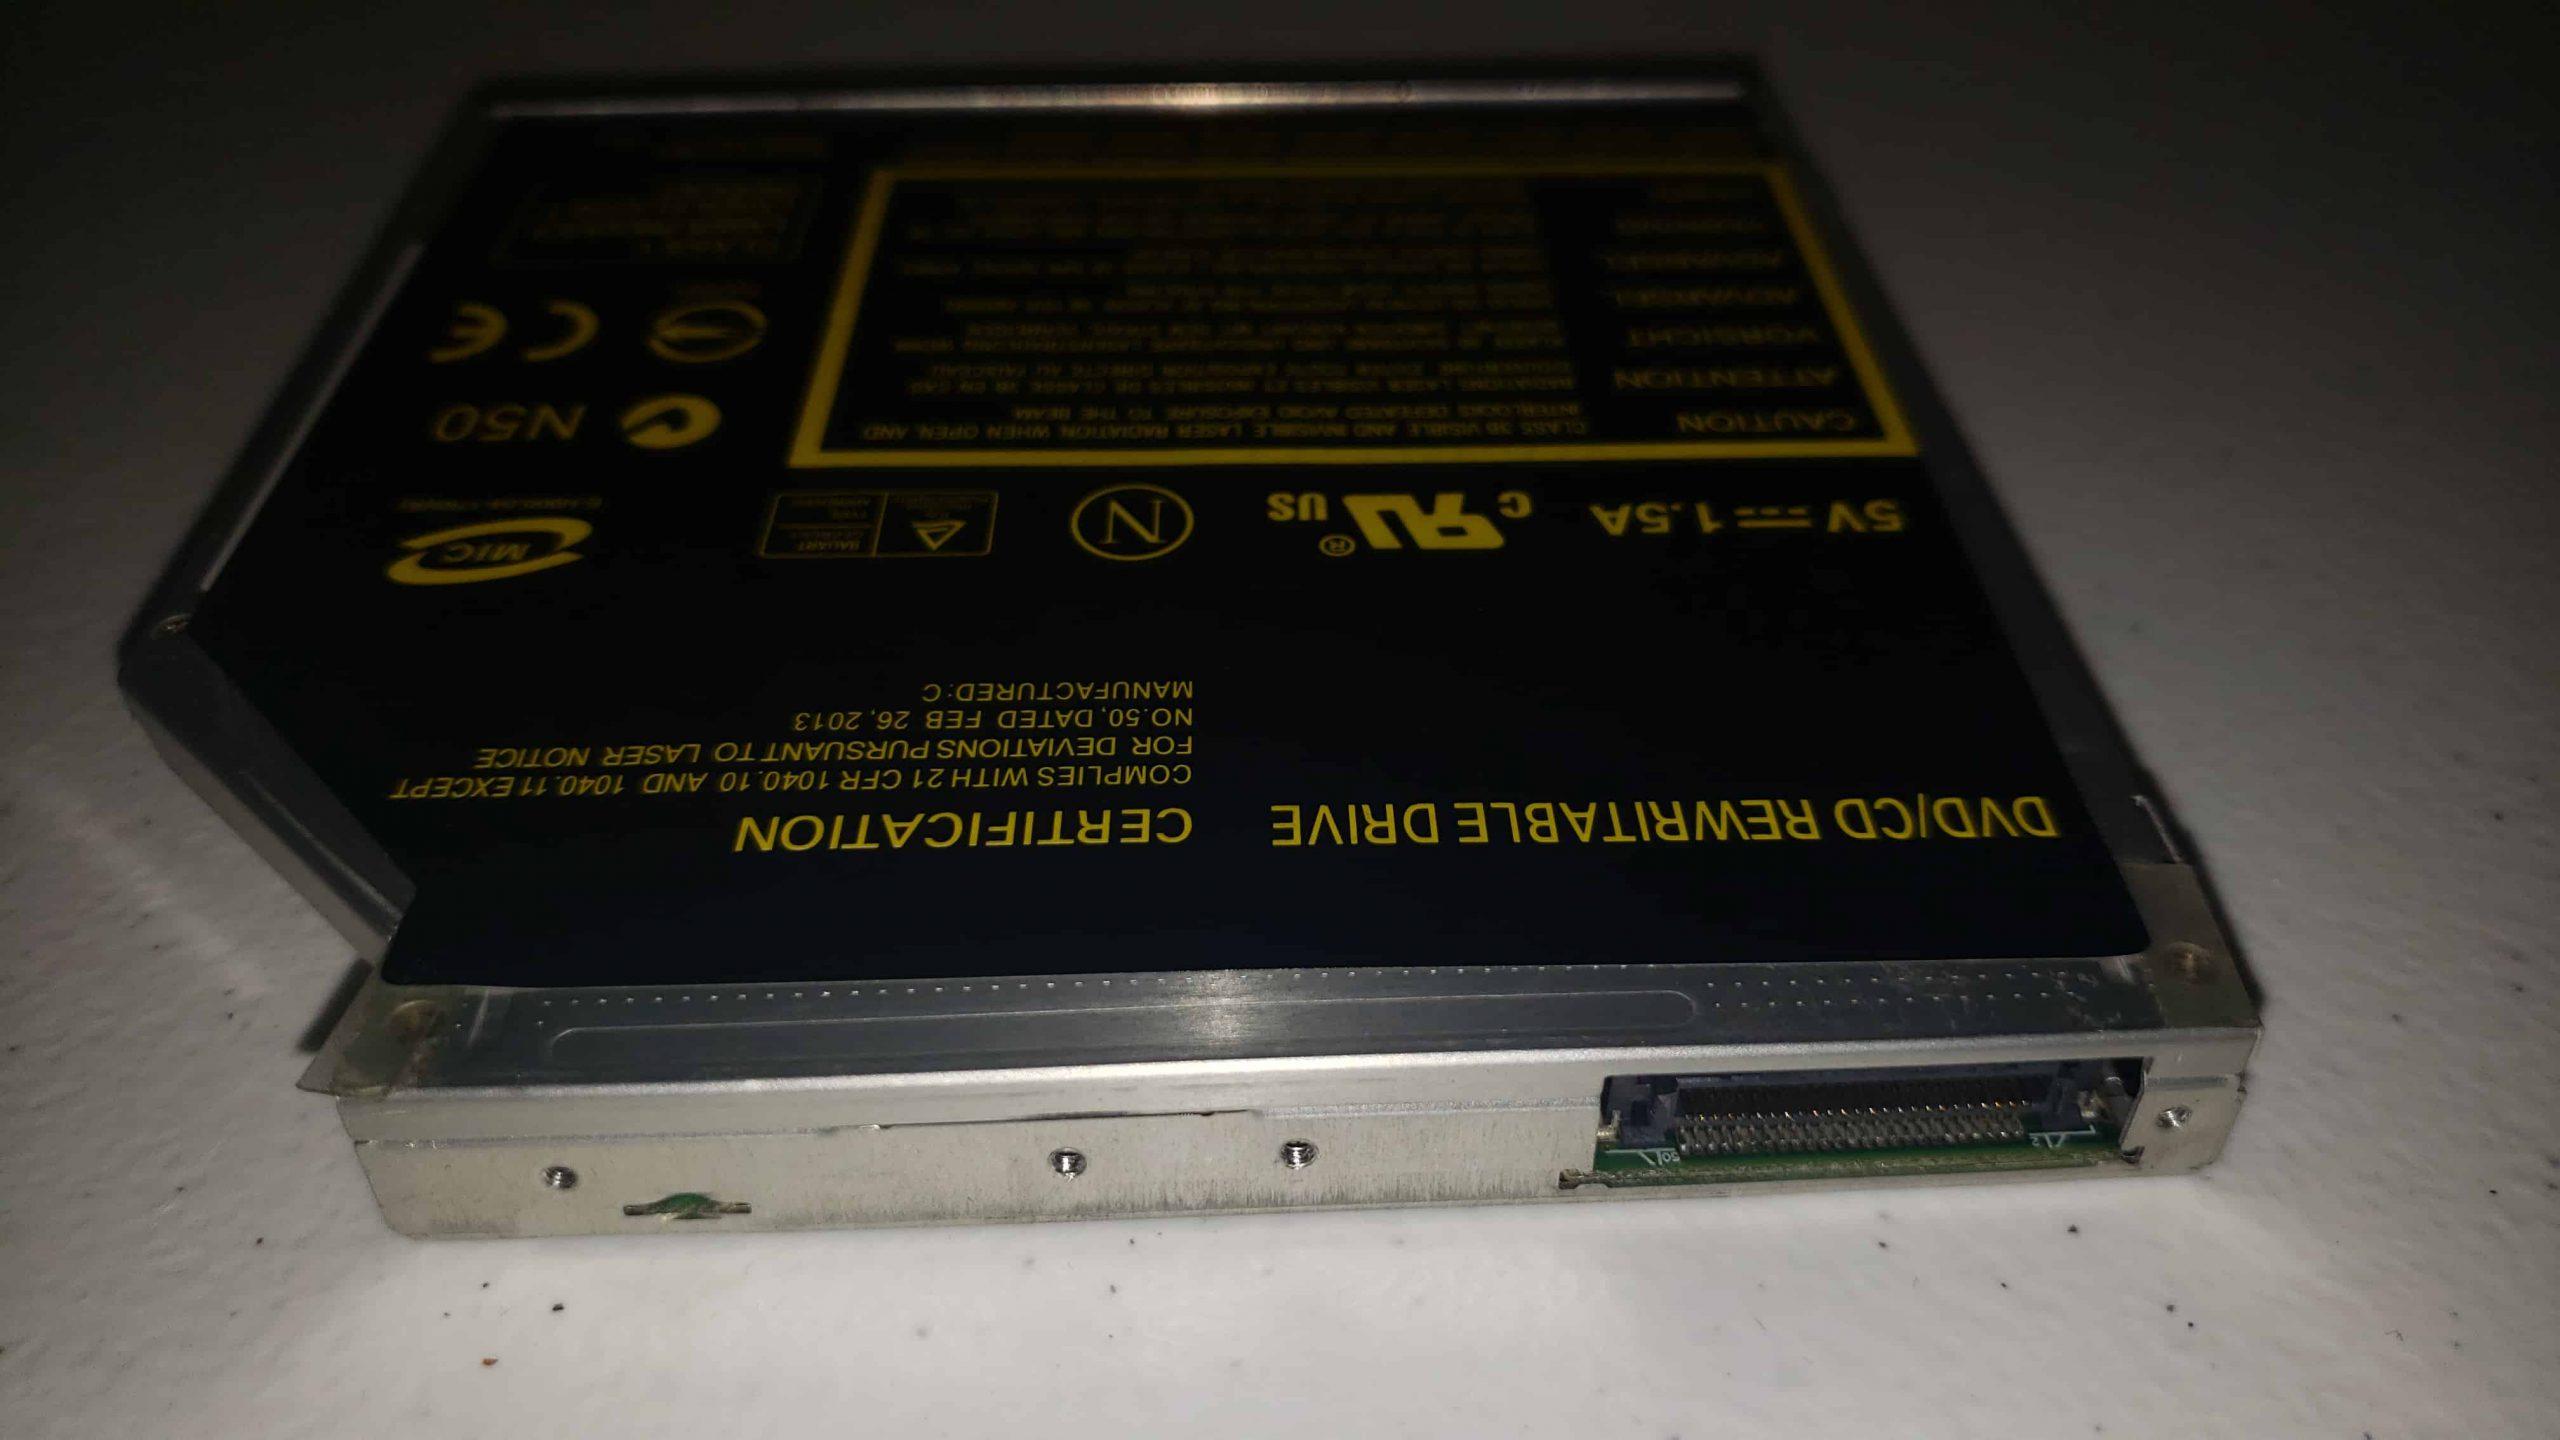 M Way External DVD Drive - Colorful Flame Pattern - Teardown - 7